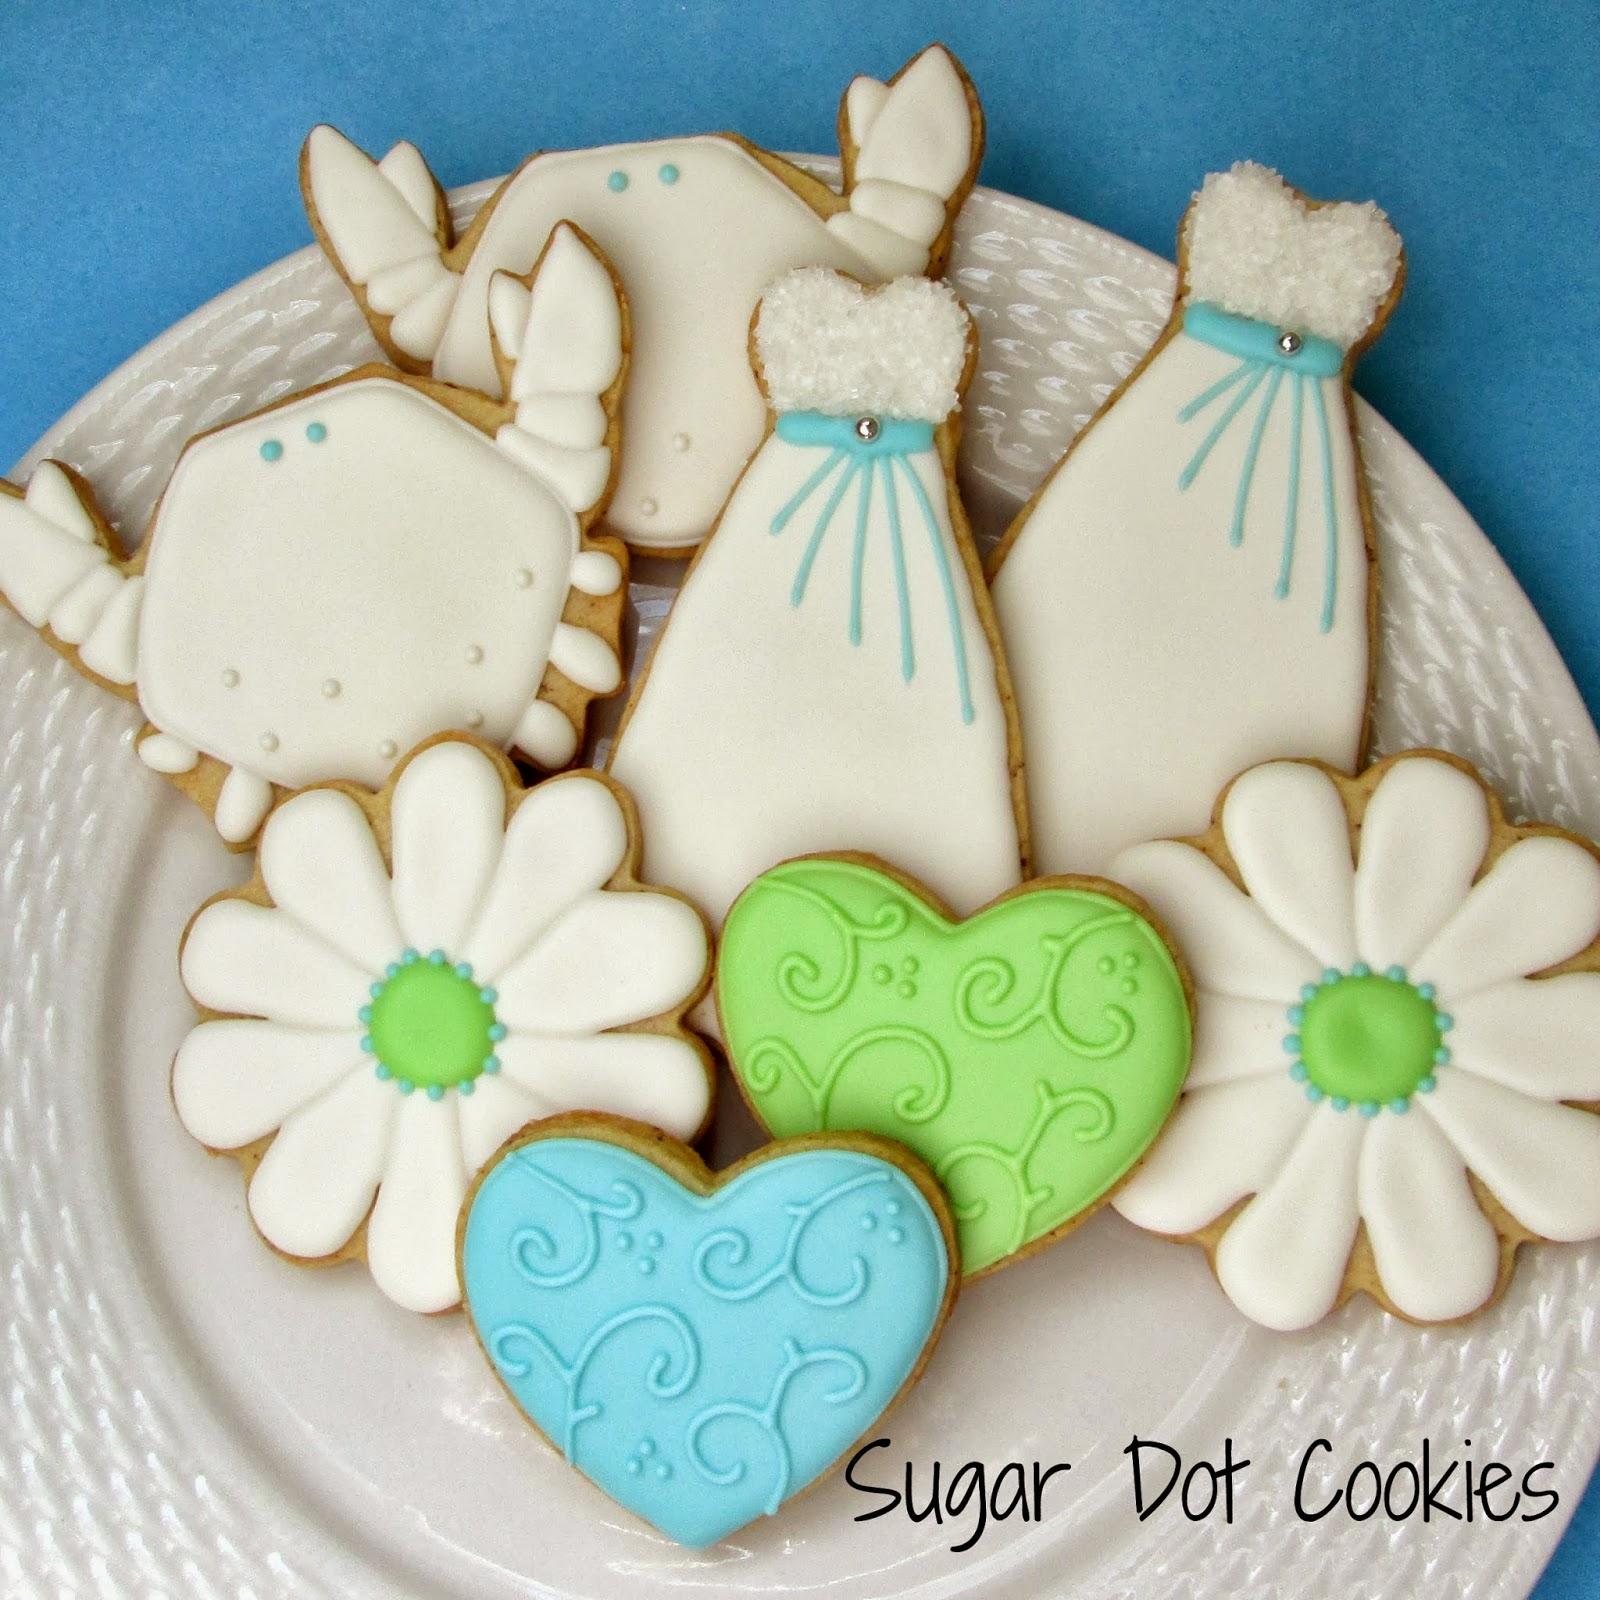 Sugar Dot Cookies: Bridal Shower Cookies